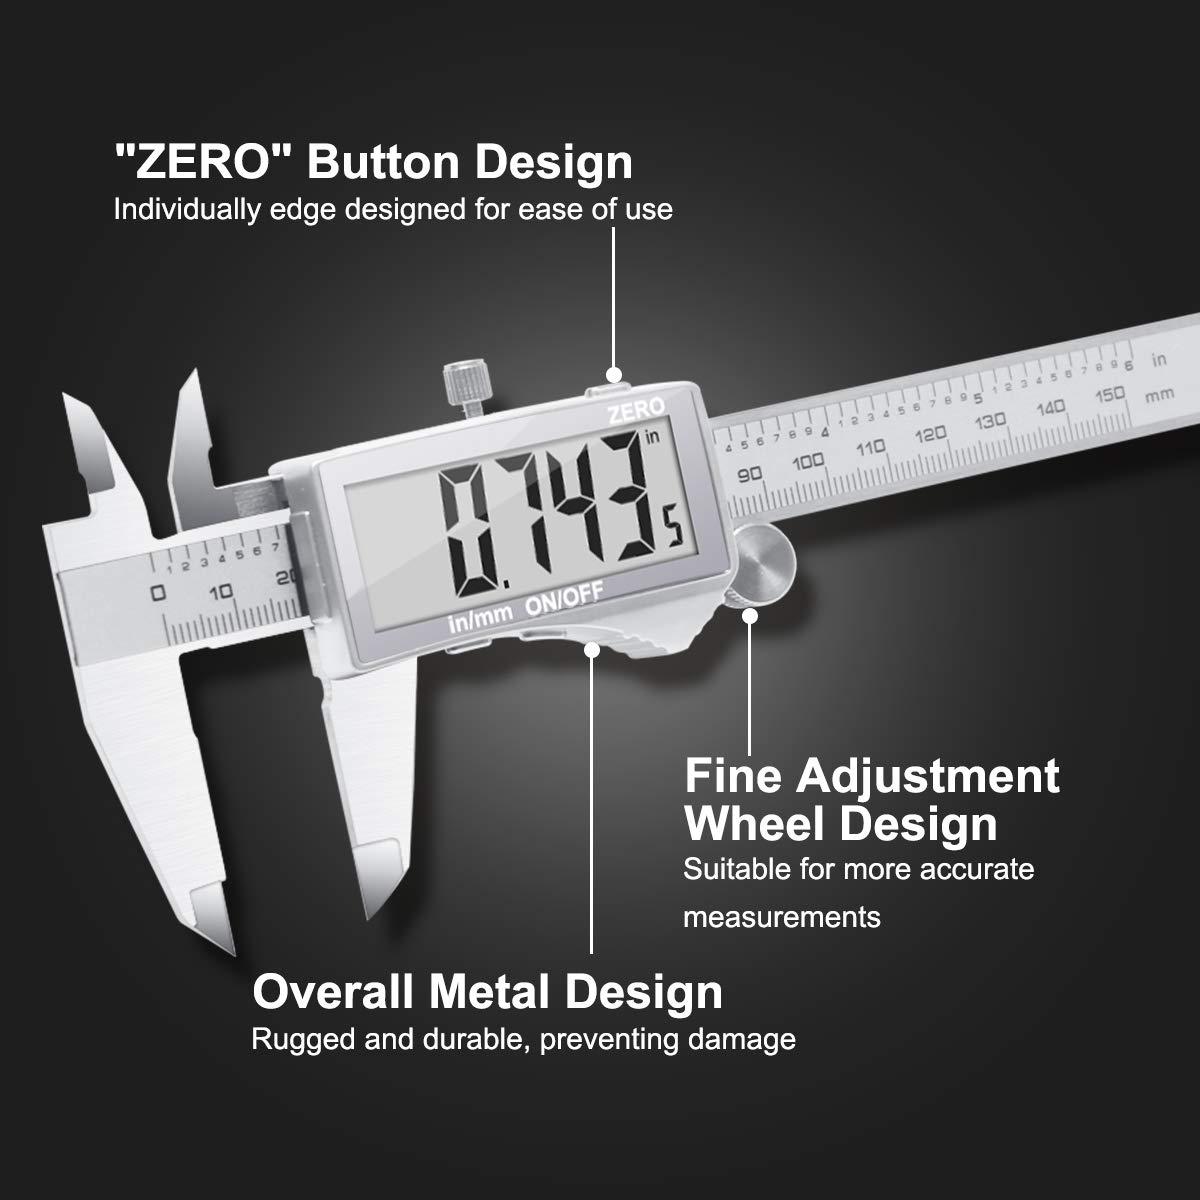 Spaziatura e Profondit/à ecc Calibro a Corsoio per Lunghezza Diametro Calibro Digitale,Wukong Caliper metrico da 150 mm//6 Pollici con Schermo Grande e Chiaro